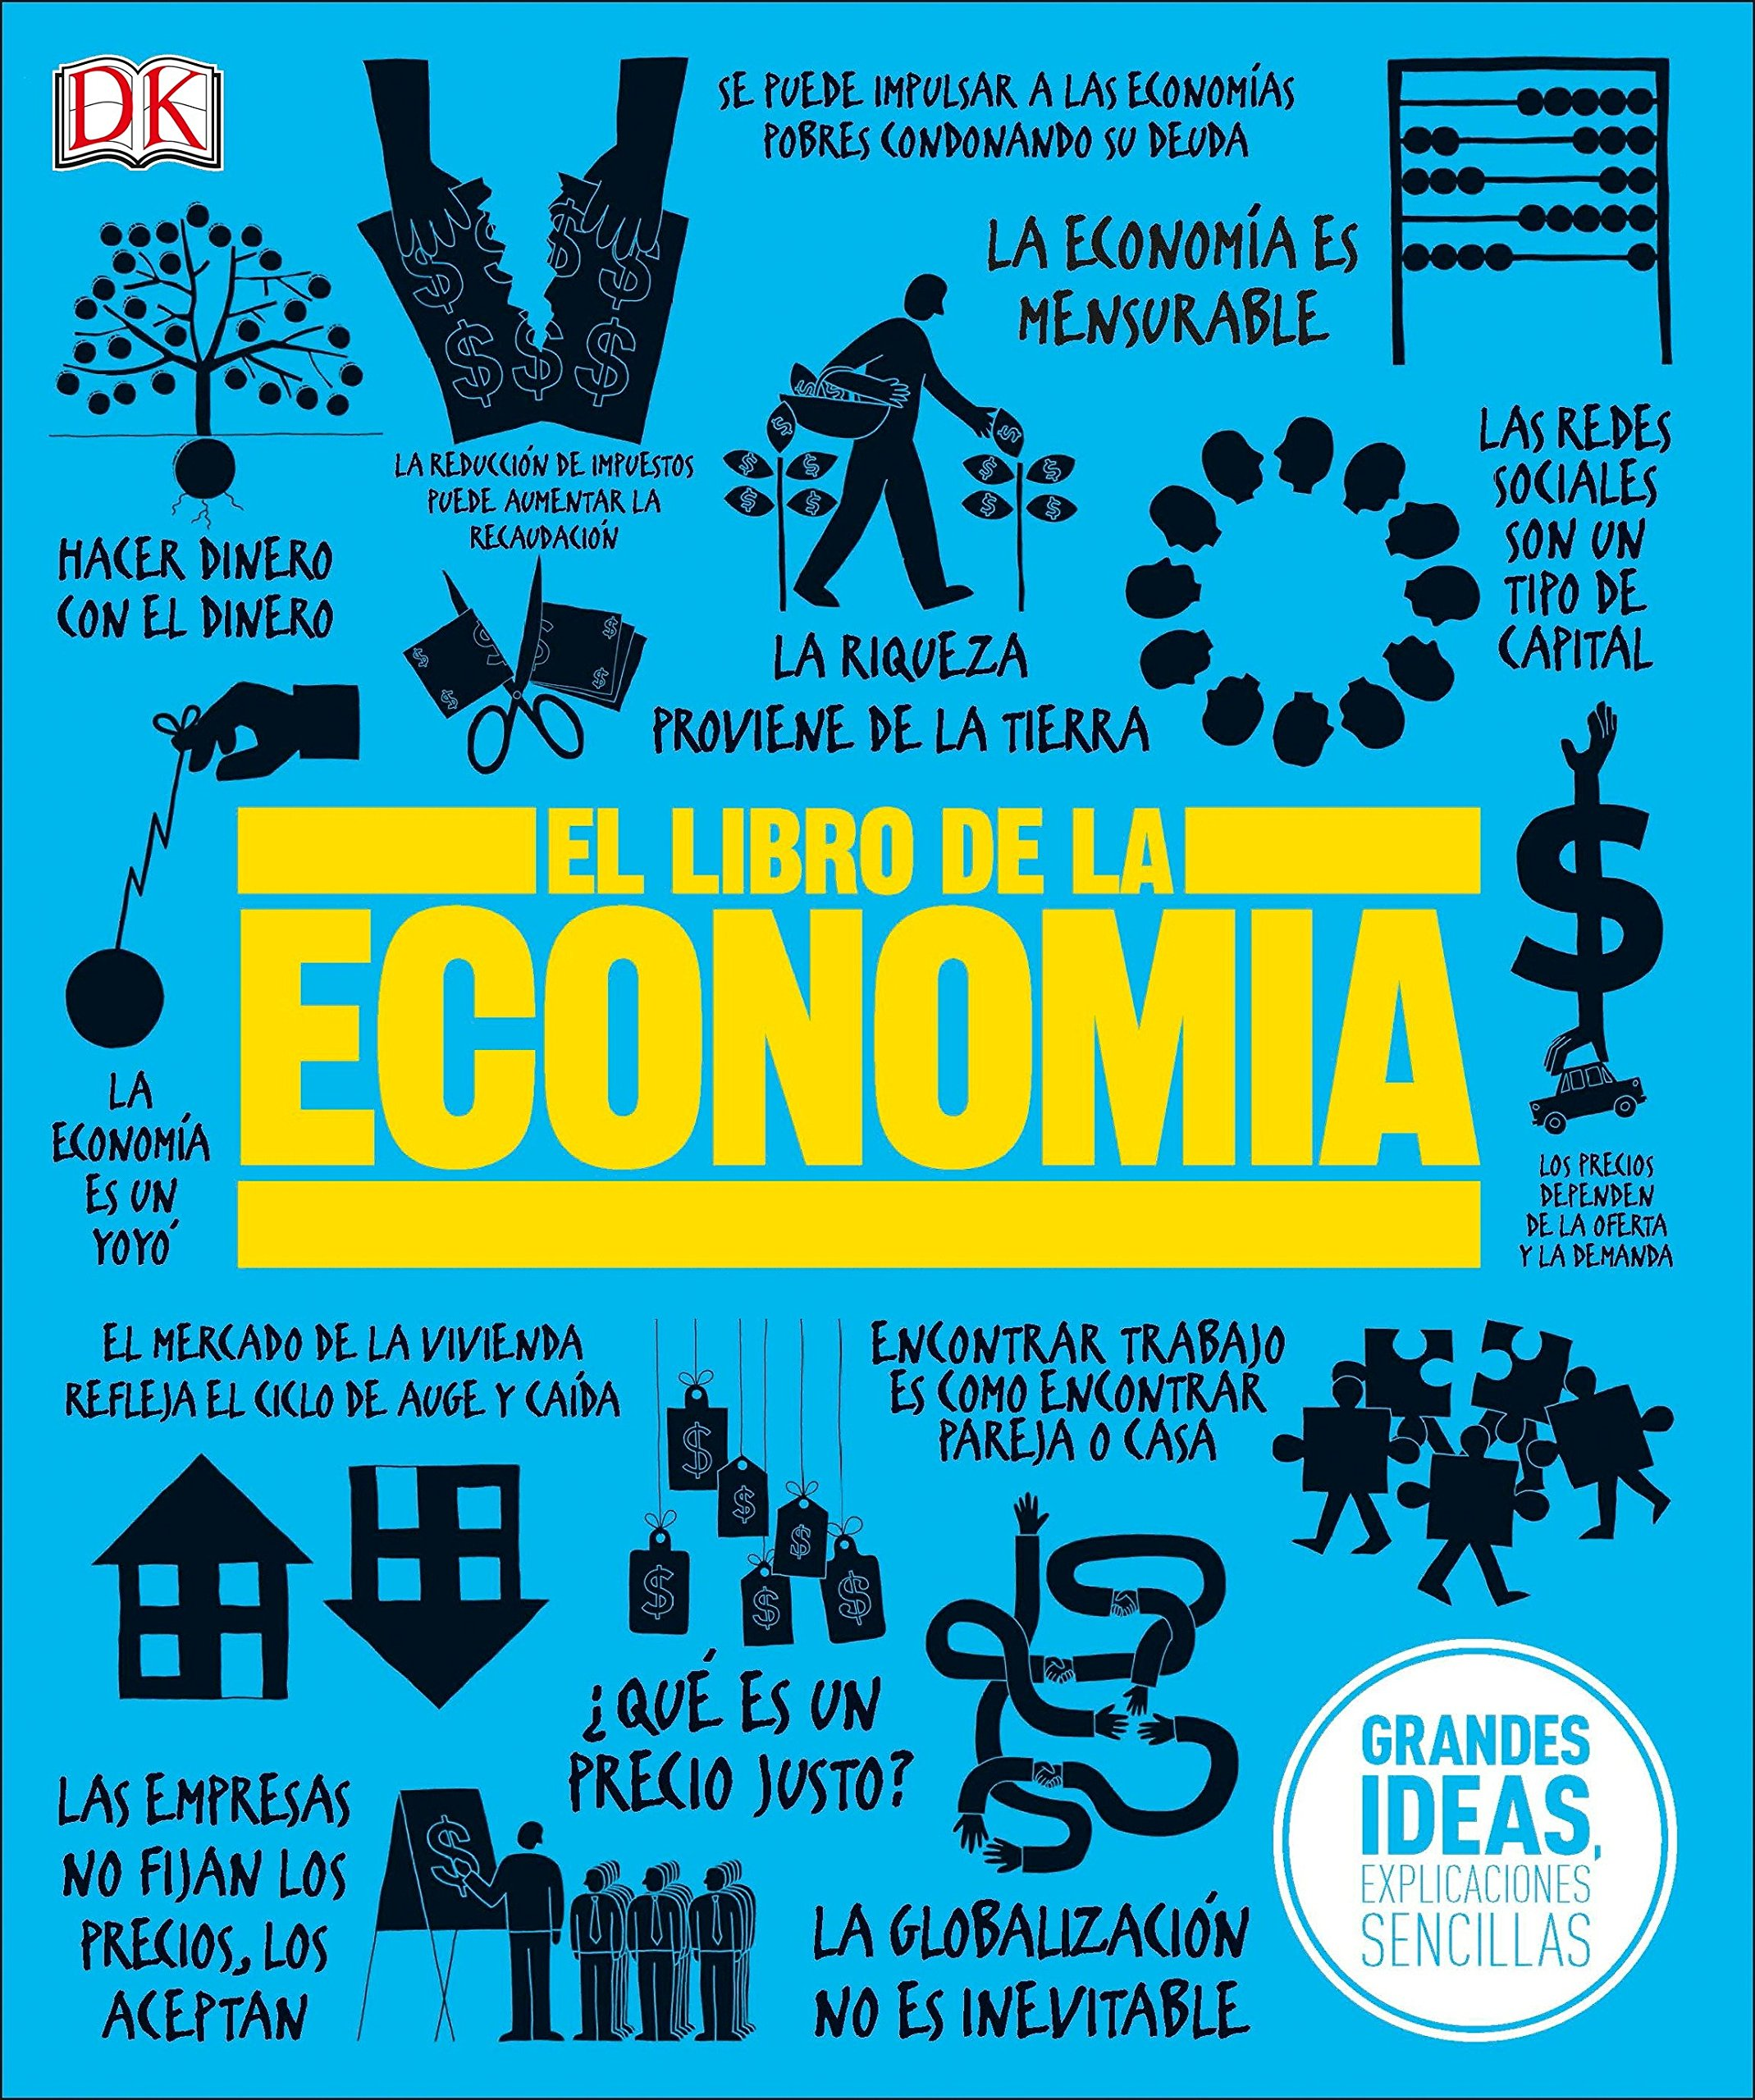 El Libro de la Economía (Grandes ideas, explicaciones sencillas / Big Ideas Simply Explained) Tapa dura – 16 ago 2016 Dk DK PUB 1465460187 Economic history